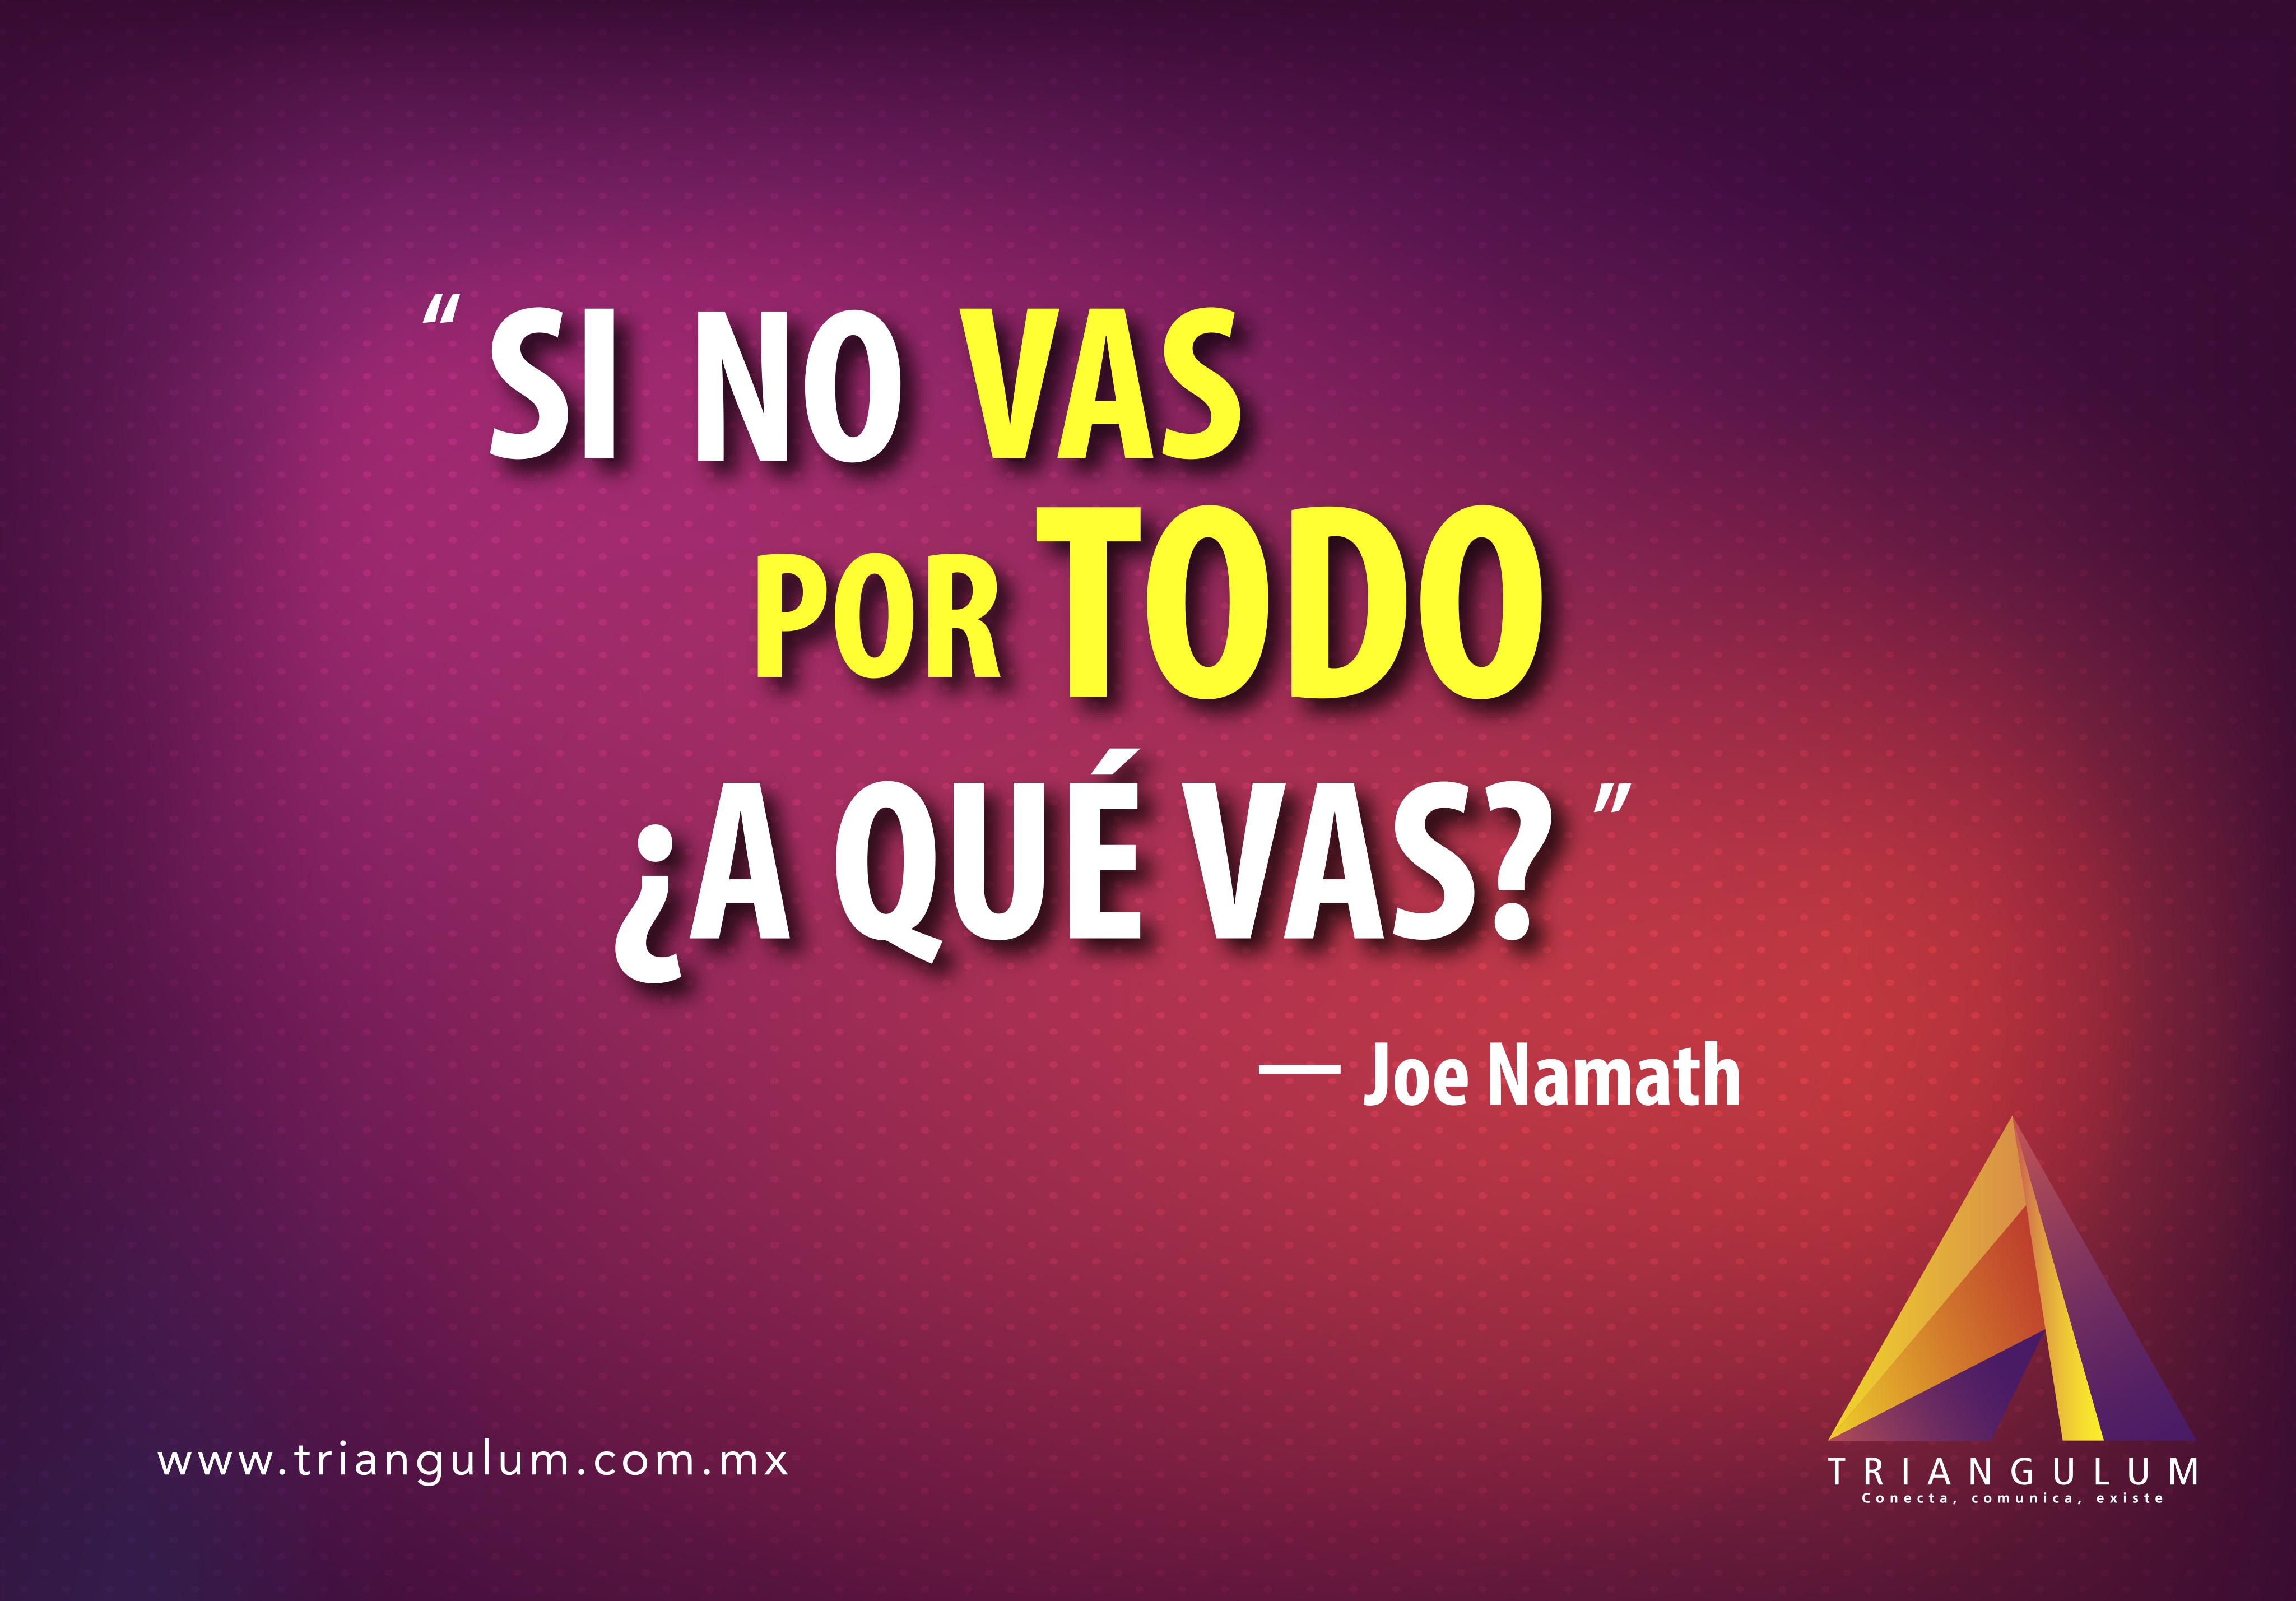 Si no vas por todo ¿a qué vas? Joe Namath